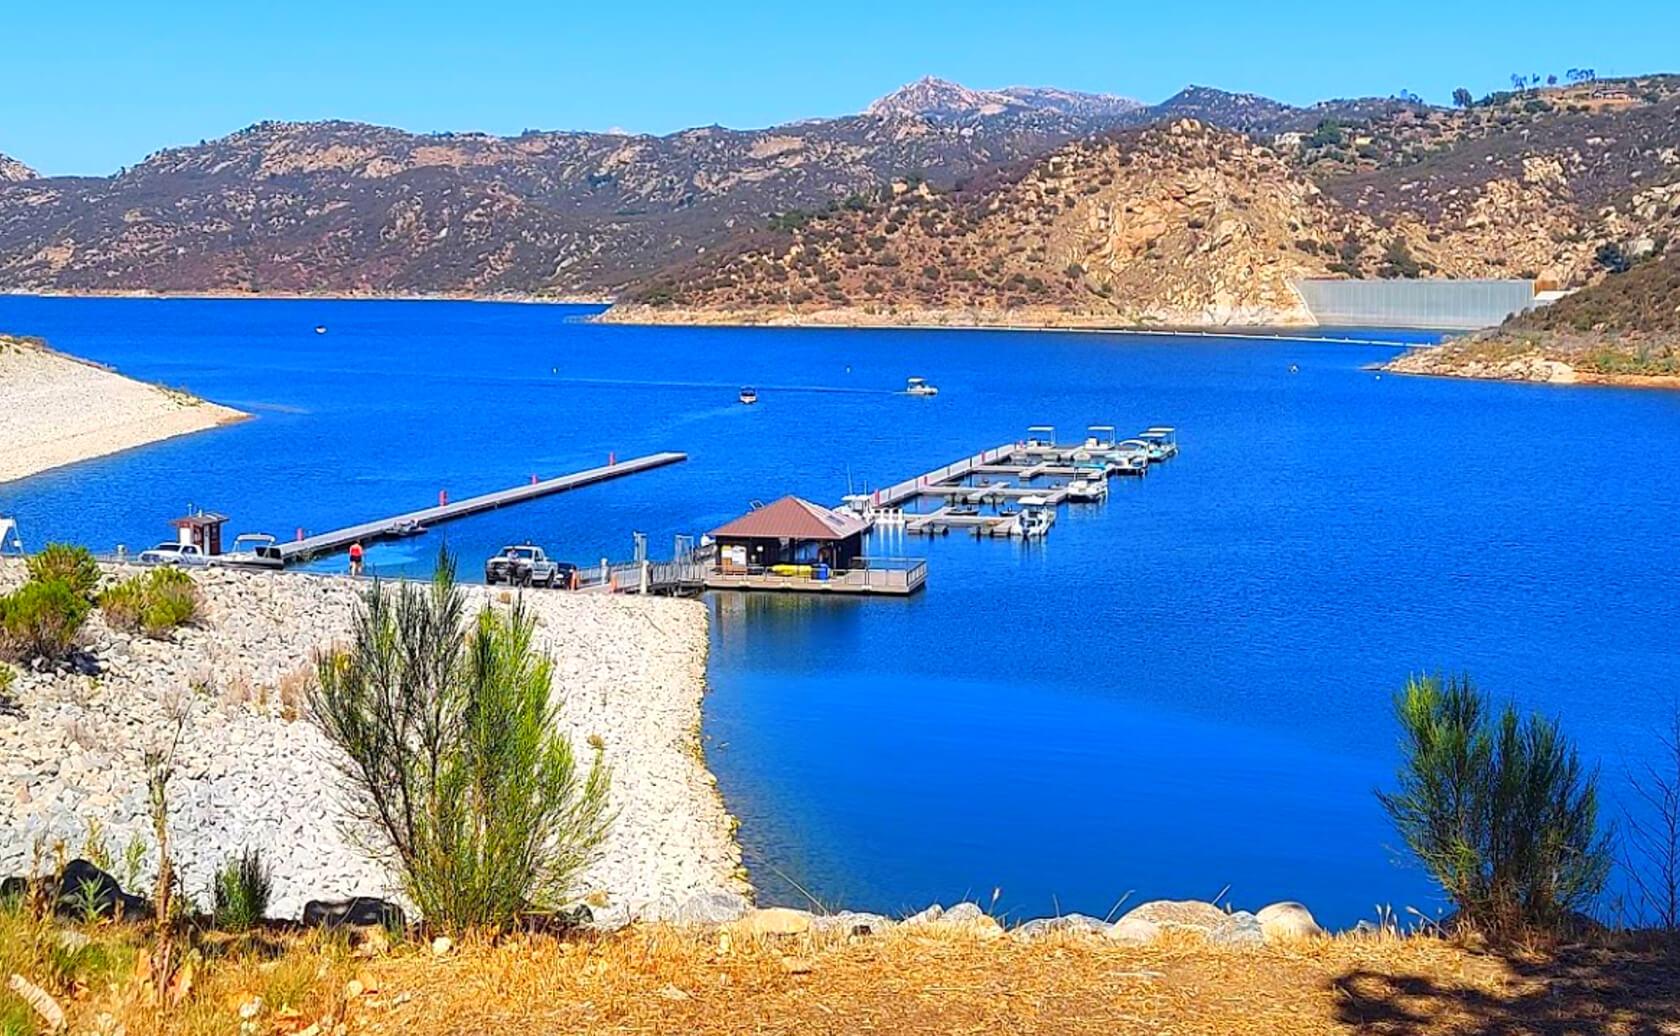 San-Vicente-Lake-Fishing-Guide-Report-California-04